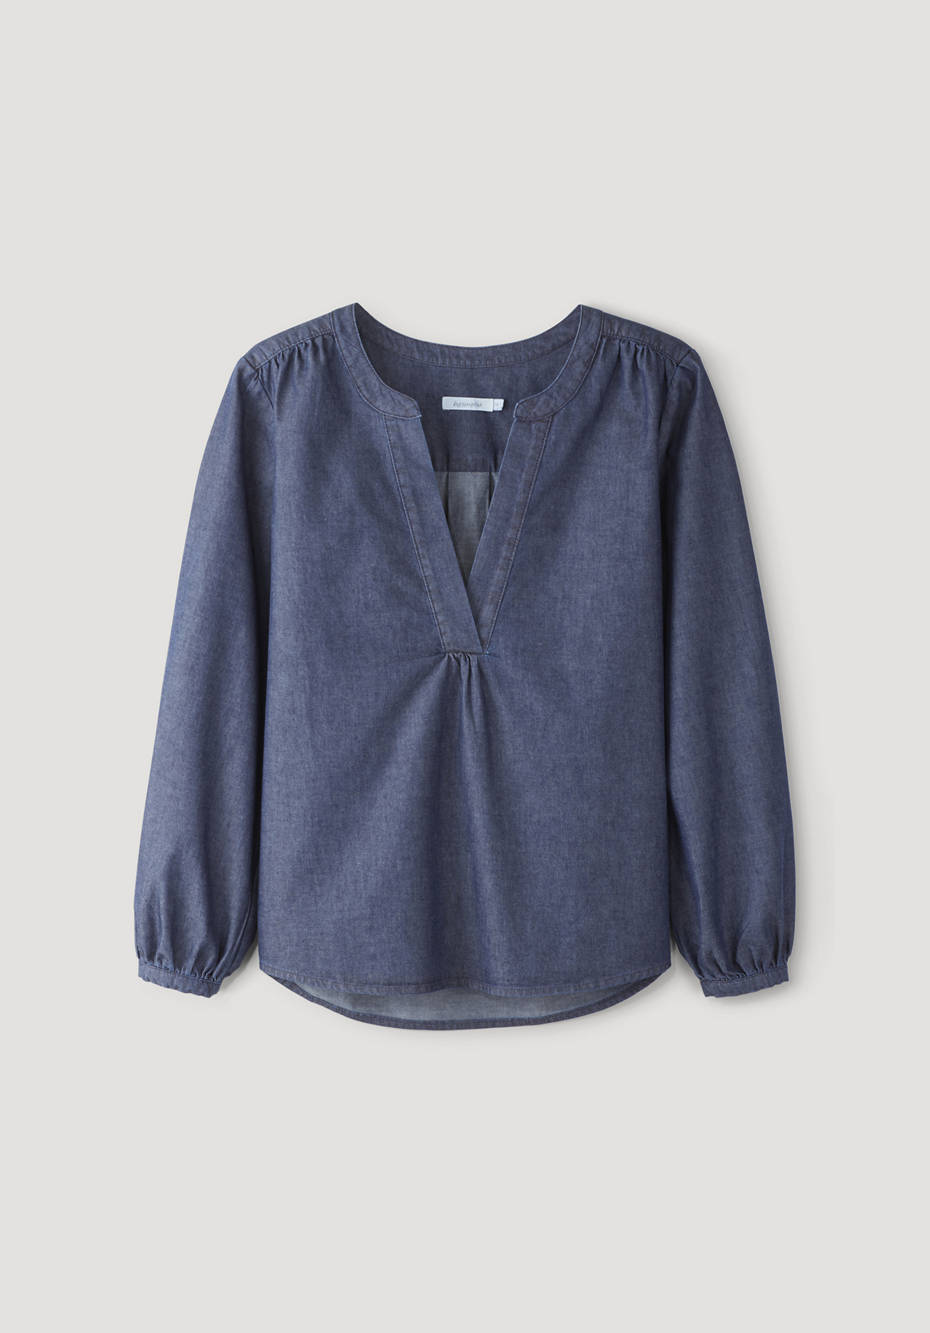 Light Denim Bluse aus reiner Bio-Baumwolle